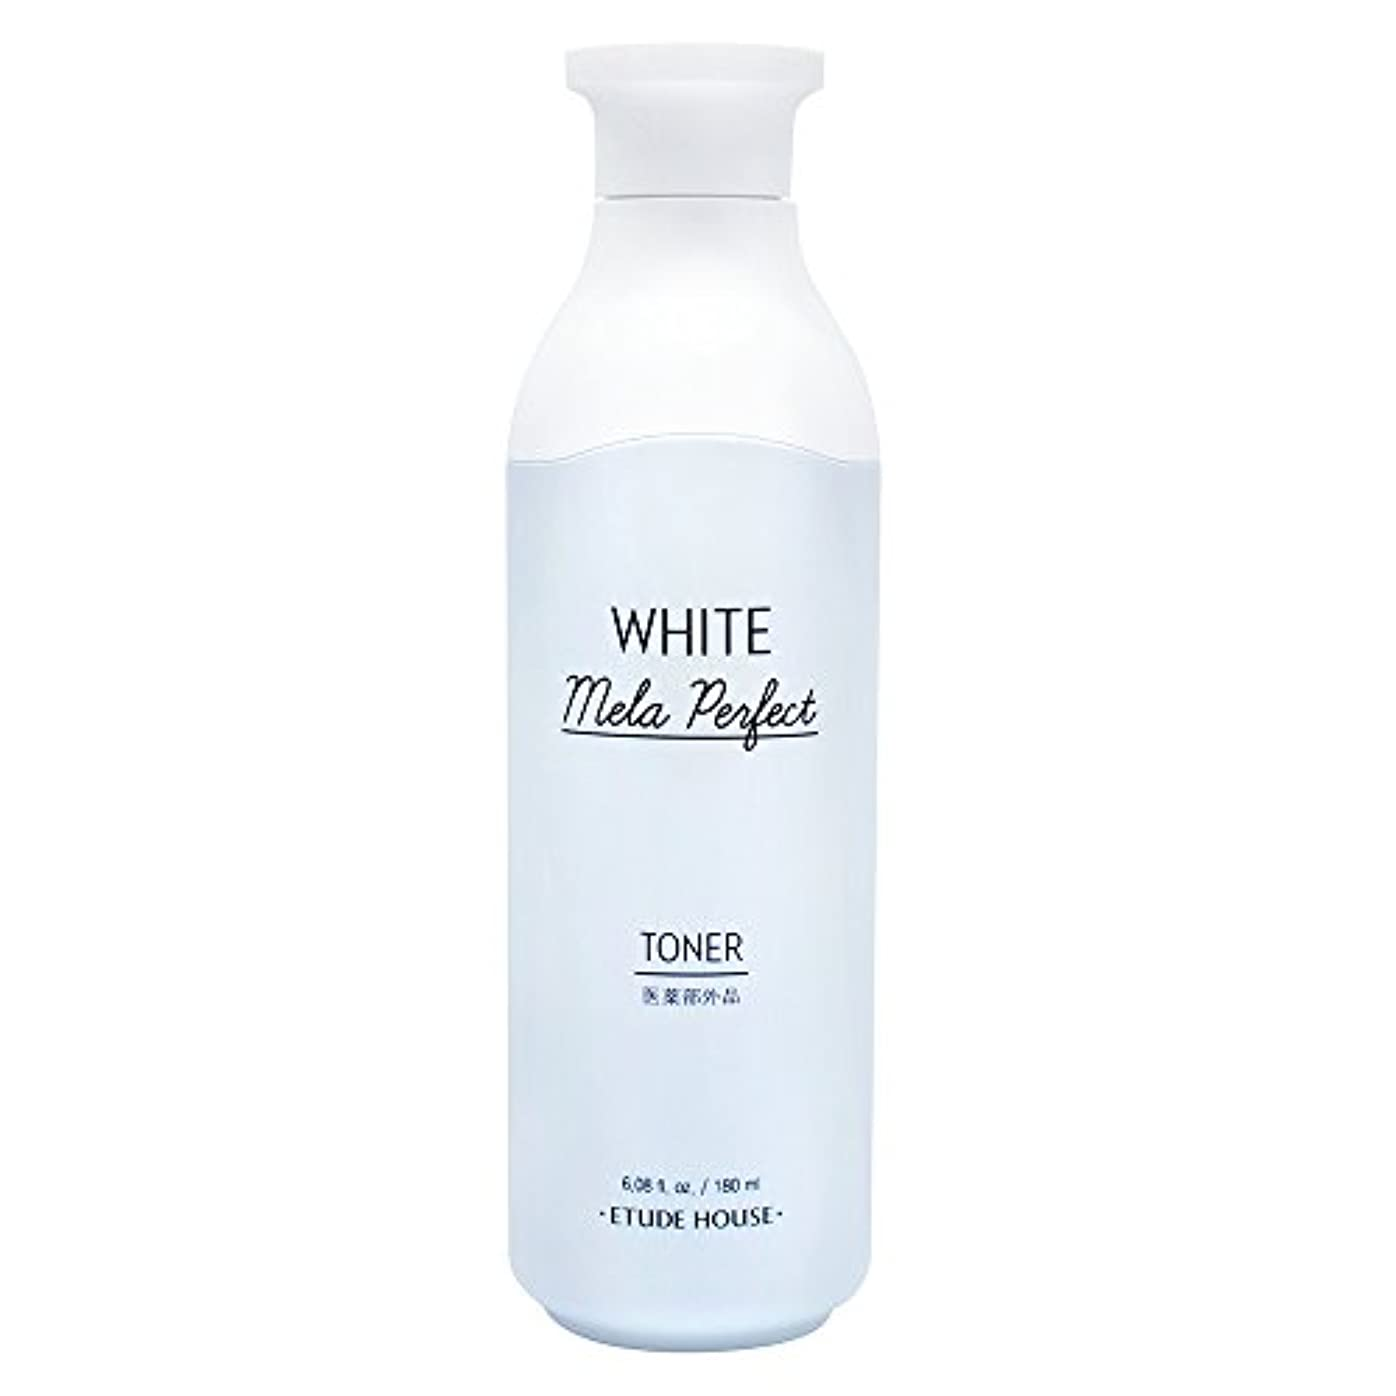 保存する投げるイヤホンエチュードハウス(ETUDE HOUSE) ホワイトメラパーフェクト トナー[化粧水、美白化粧水]